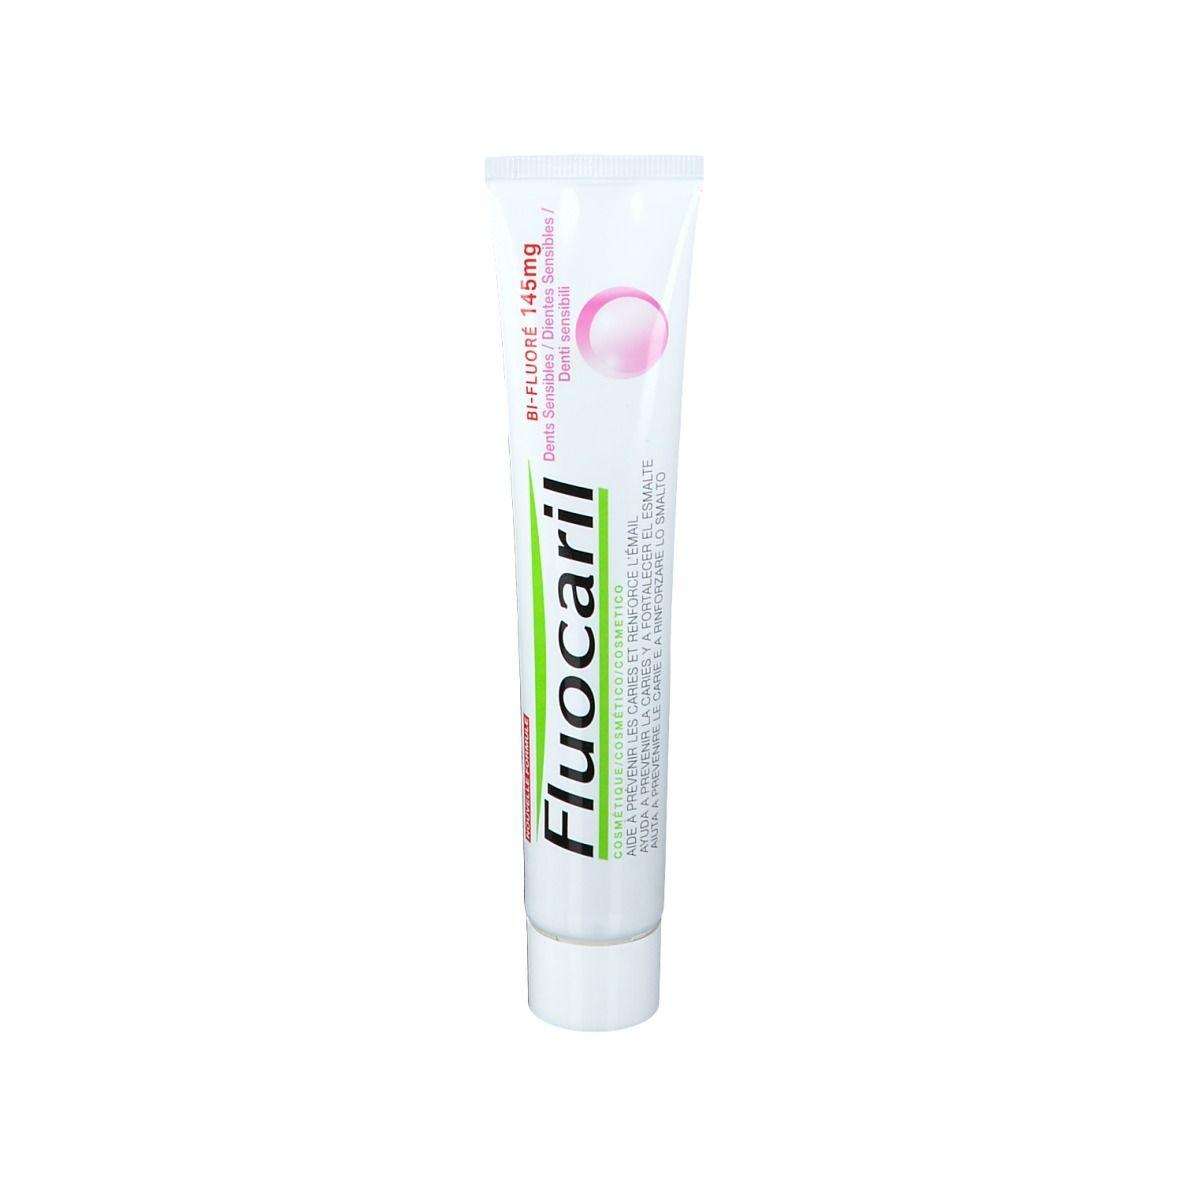 Image of Fluocaril Bi-Fluorierte 145 mg Zahnpasta für empfindliche Zähne